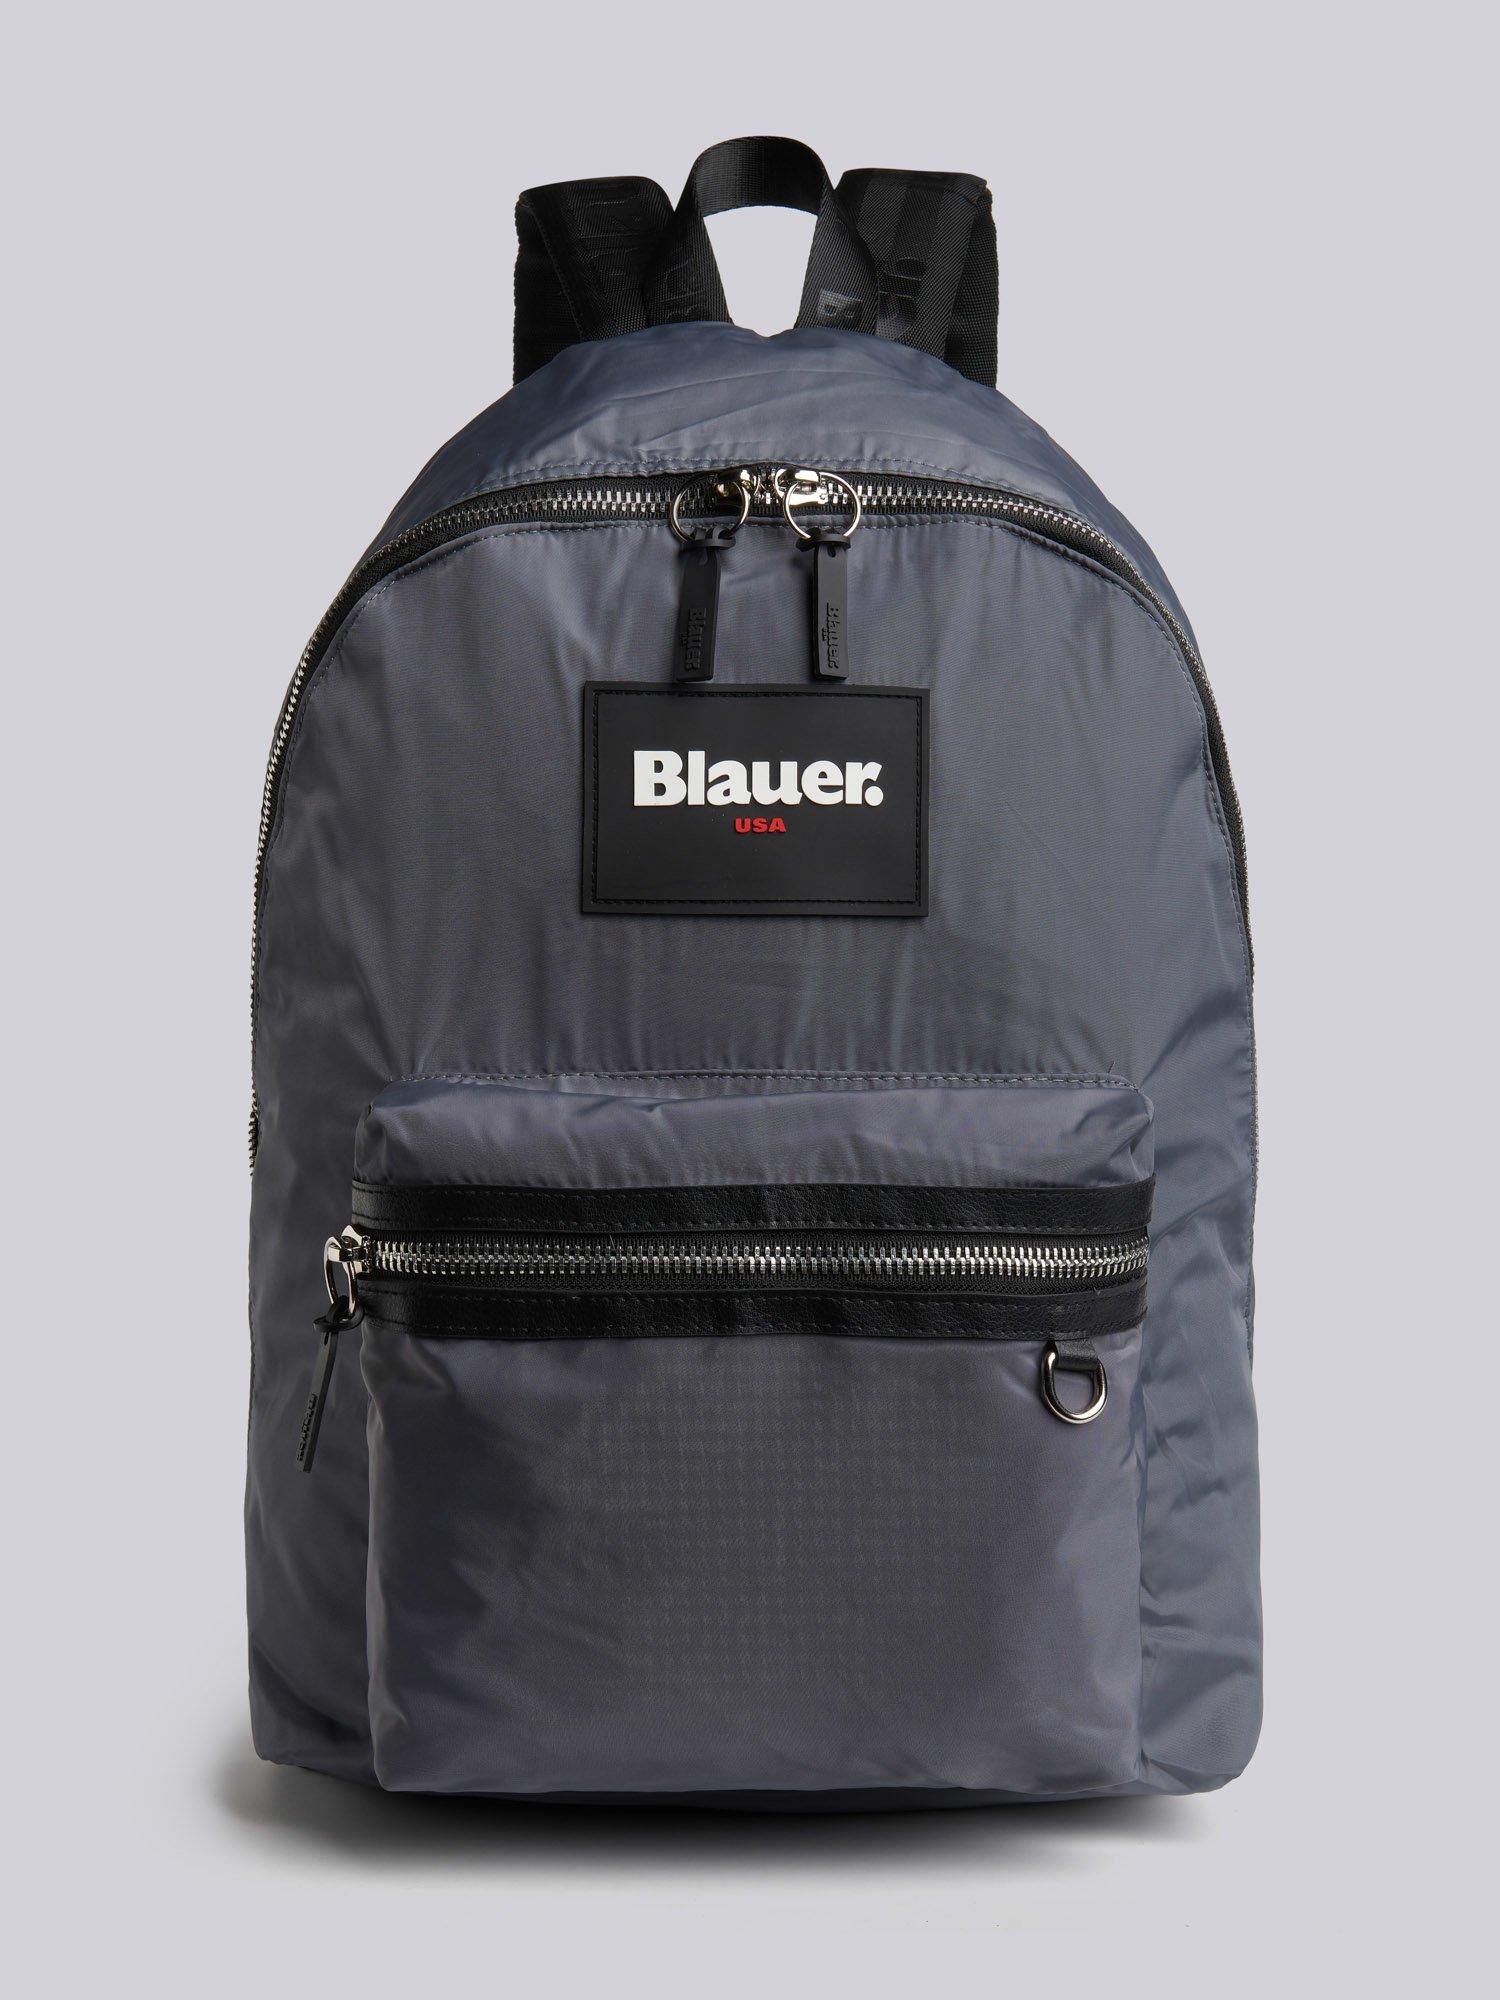 NEVADA01C - Blauer